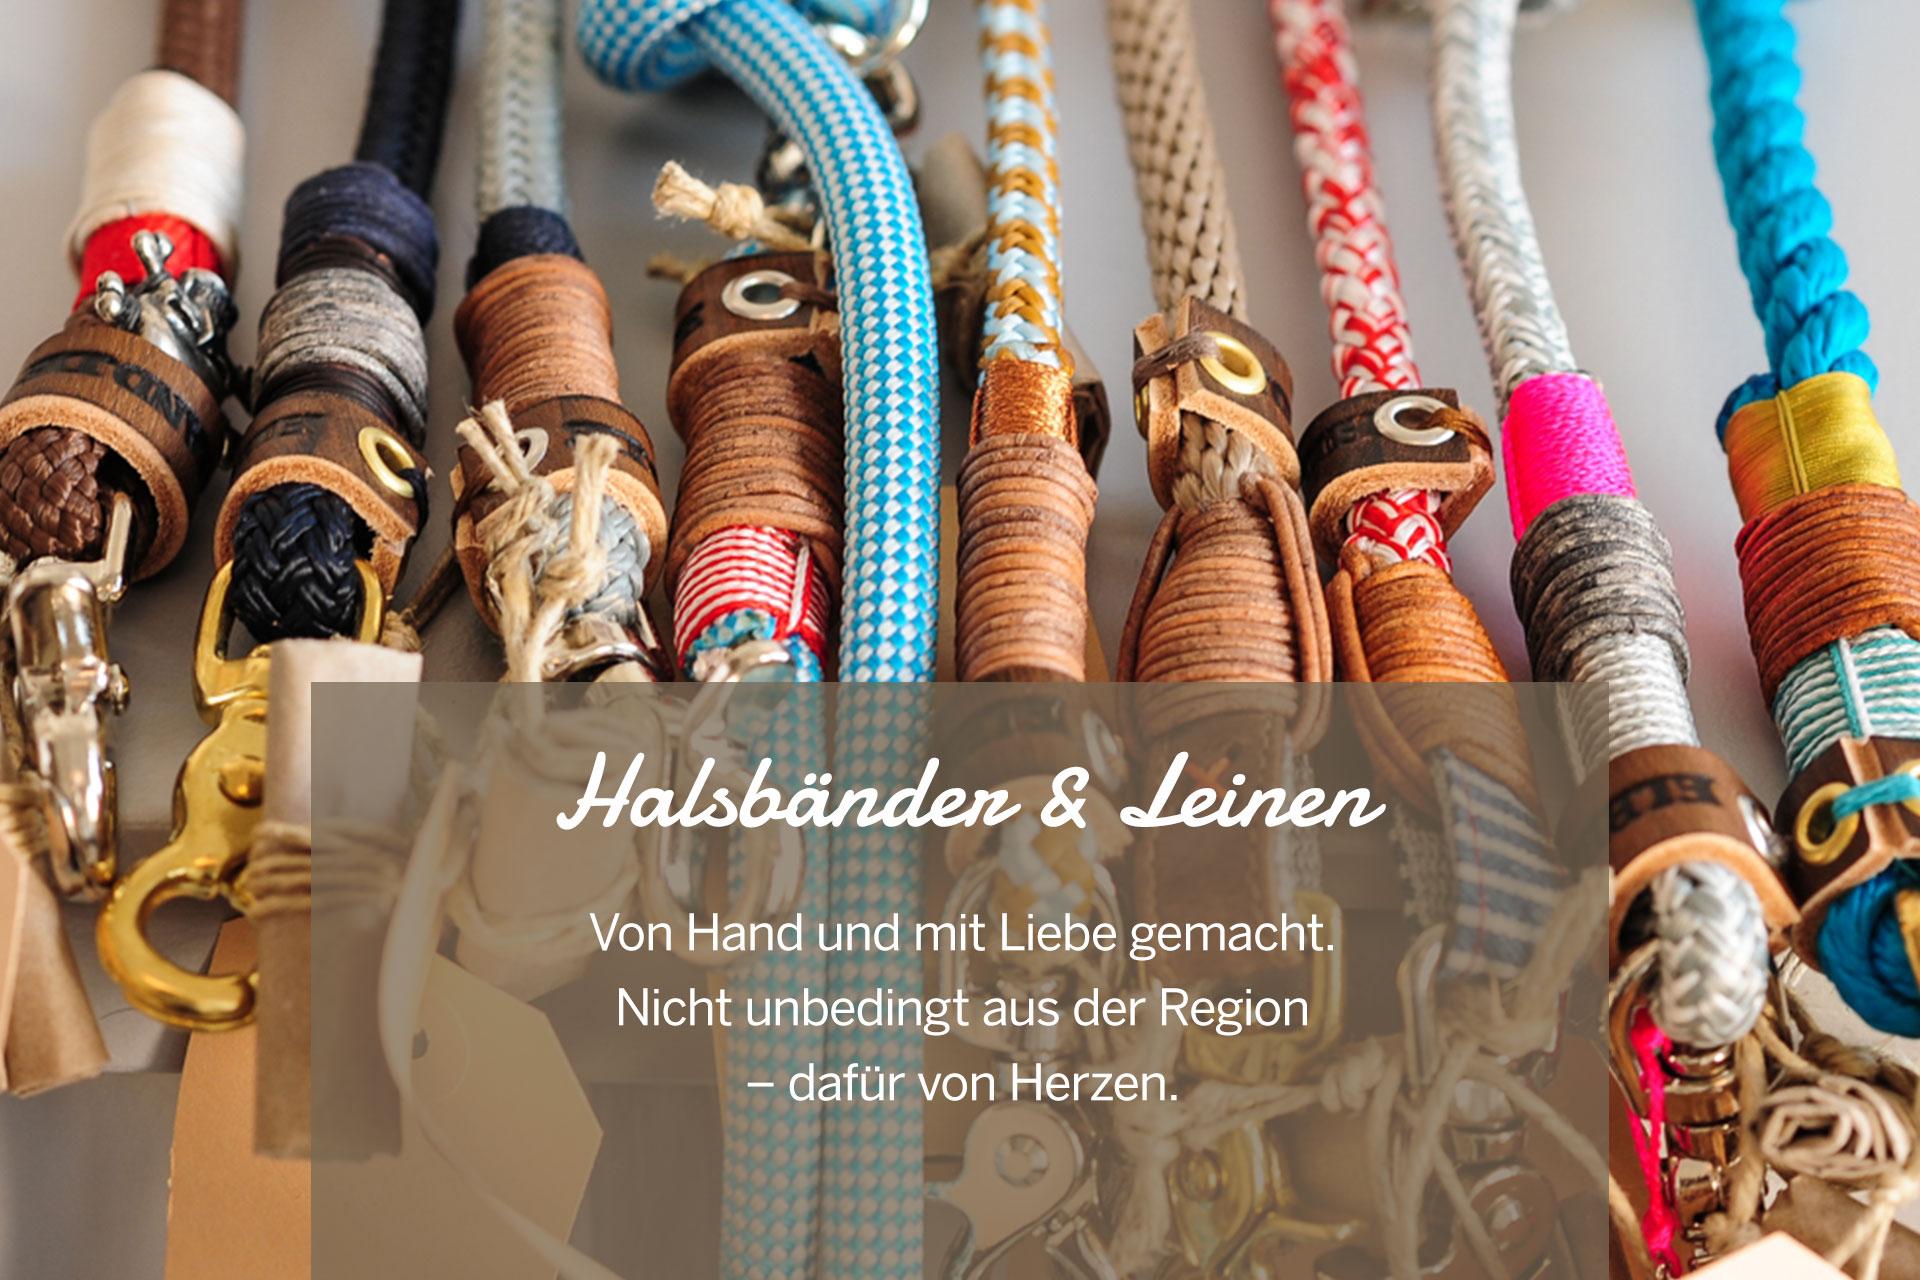 Halsb-nder-und-Leinen-Unterkategorie